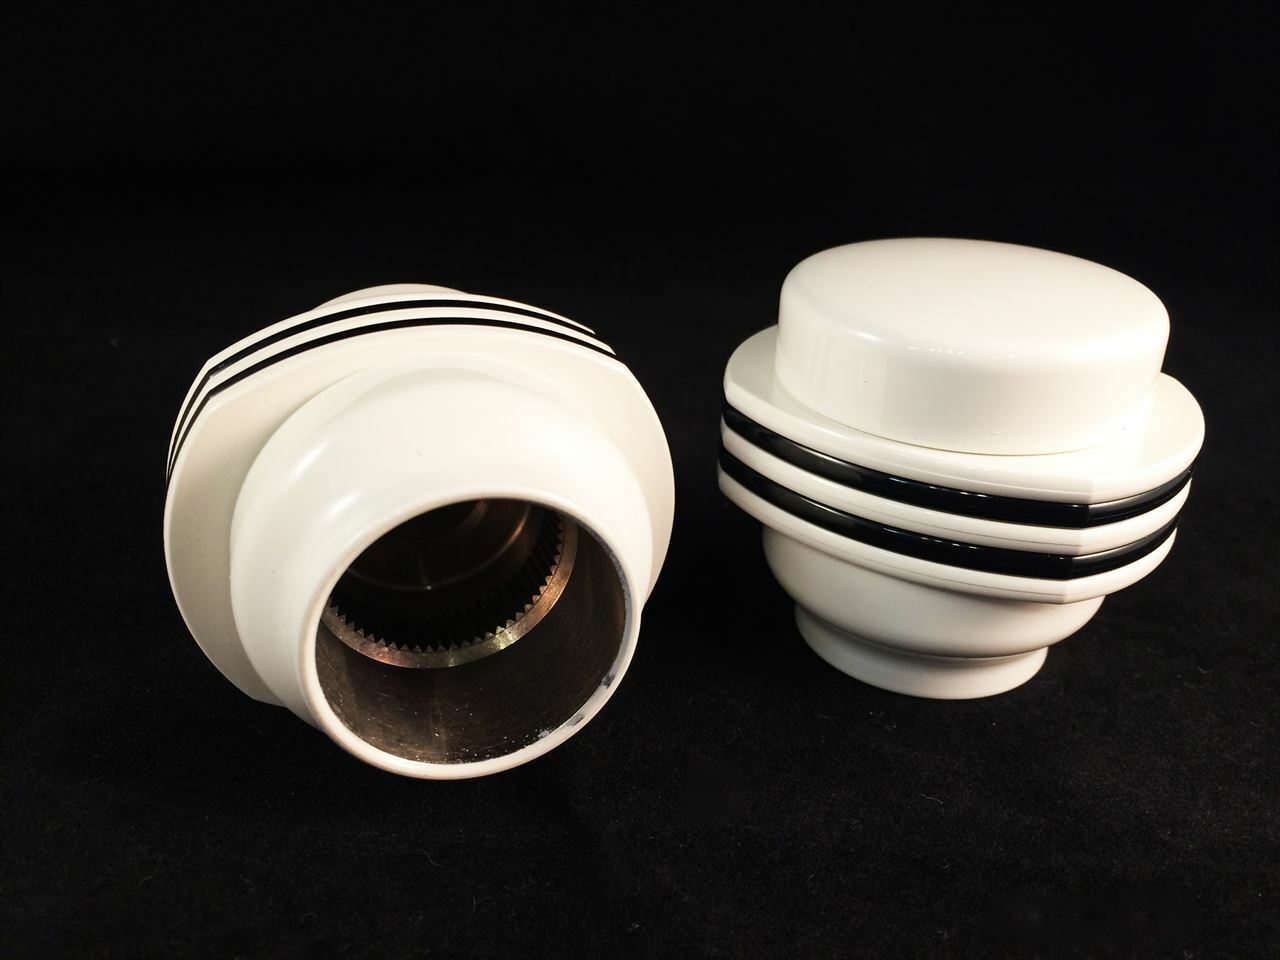 Ricambio coppia maniglie per gruppo Florida serie 20613 bianco Grohe 18996L00